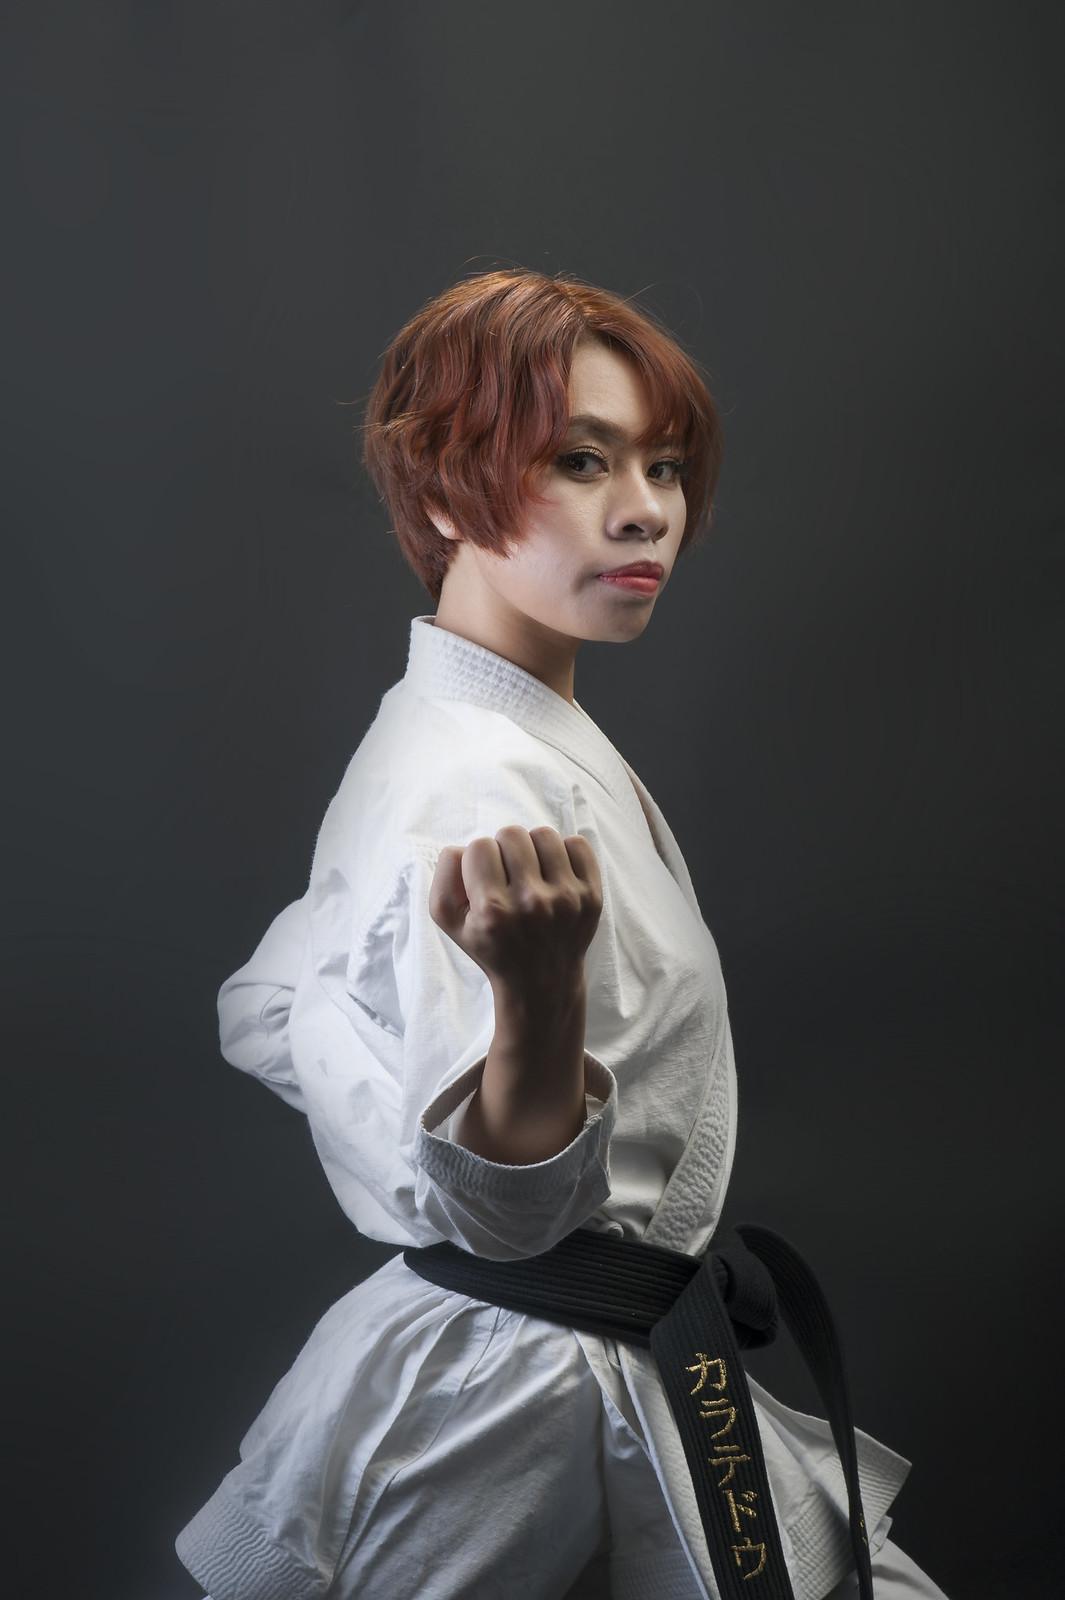 42931021772 bb4197bf24 h - Bộ ảnh võ thuật Karate Girl phiên bản Việt